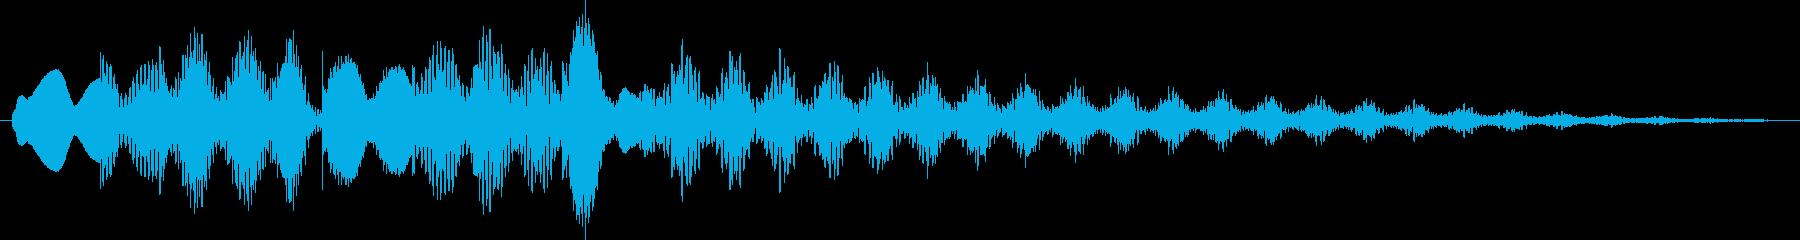 ビブラフォン:ケイデンスアクセント...の再生済みの波形